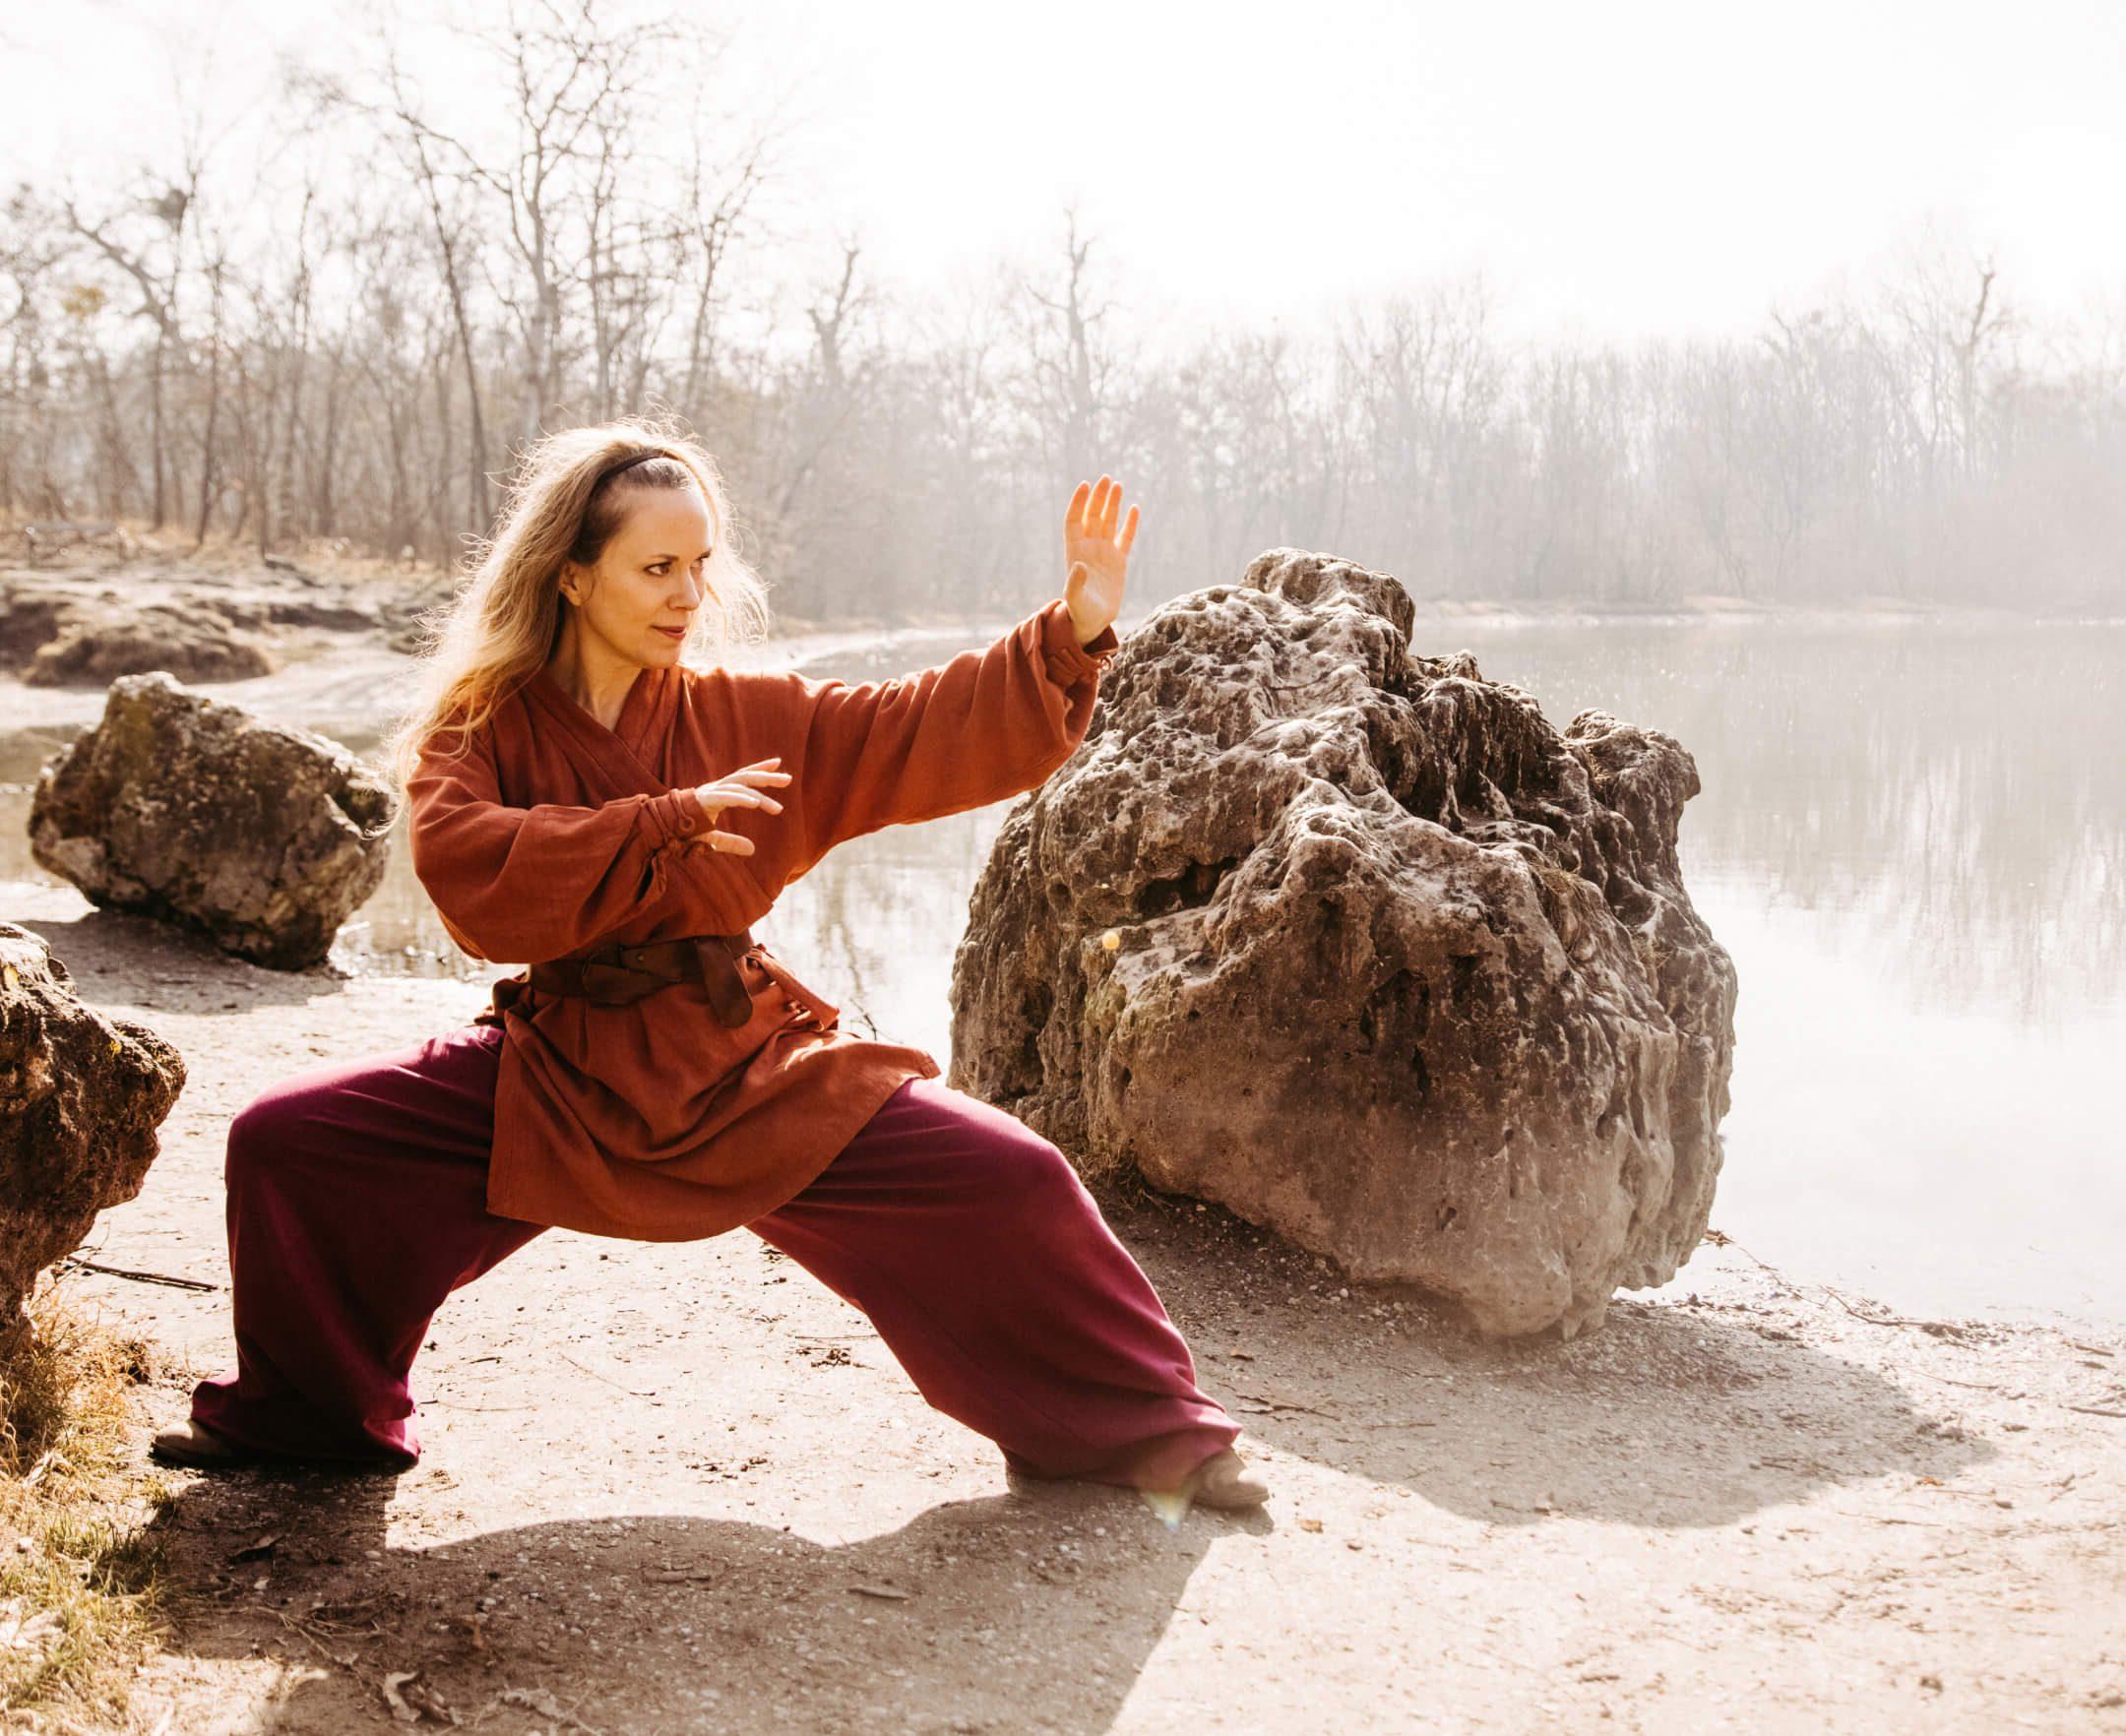 Die Reiterhaltung des Qigong stärkt die Basis